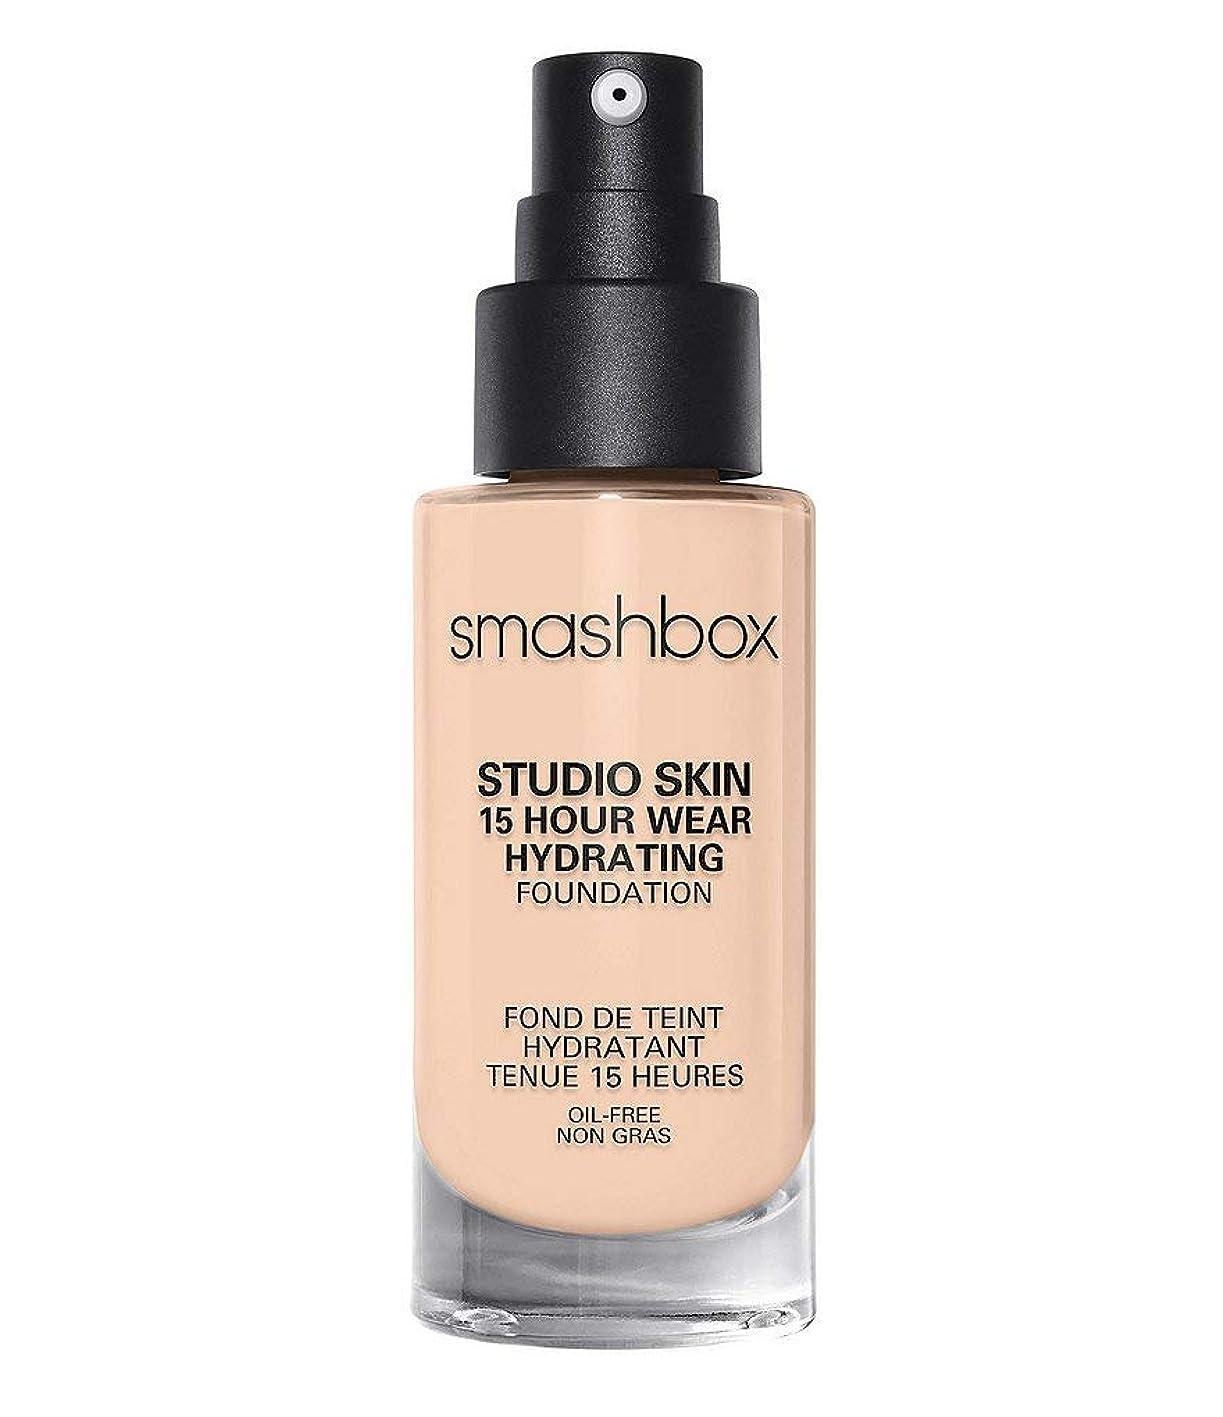 応じるいっぱいロードブロッキングスマッシュボックス Studio Skin 15 Hour Wear Hydrating Foundation - # 0.3 Fair With Neutral Undertone 30ml/1oz並行輸入品